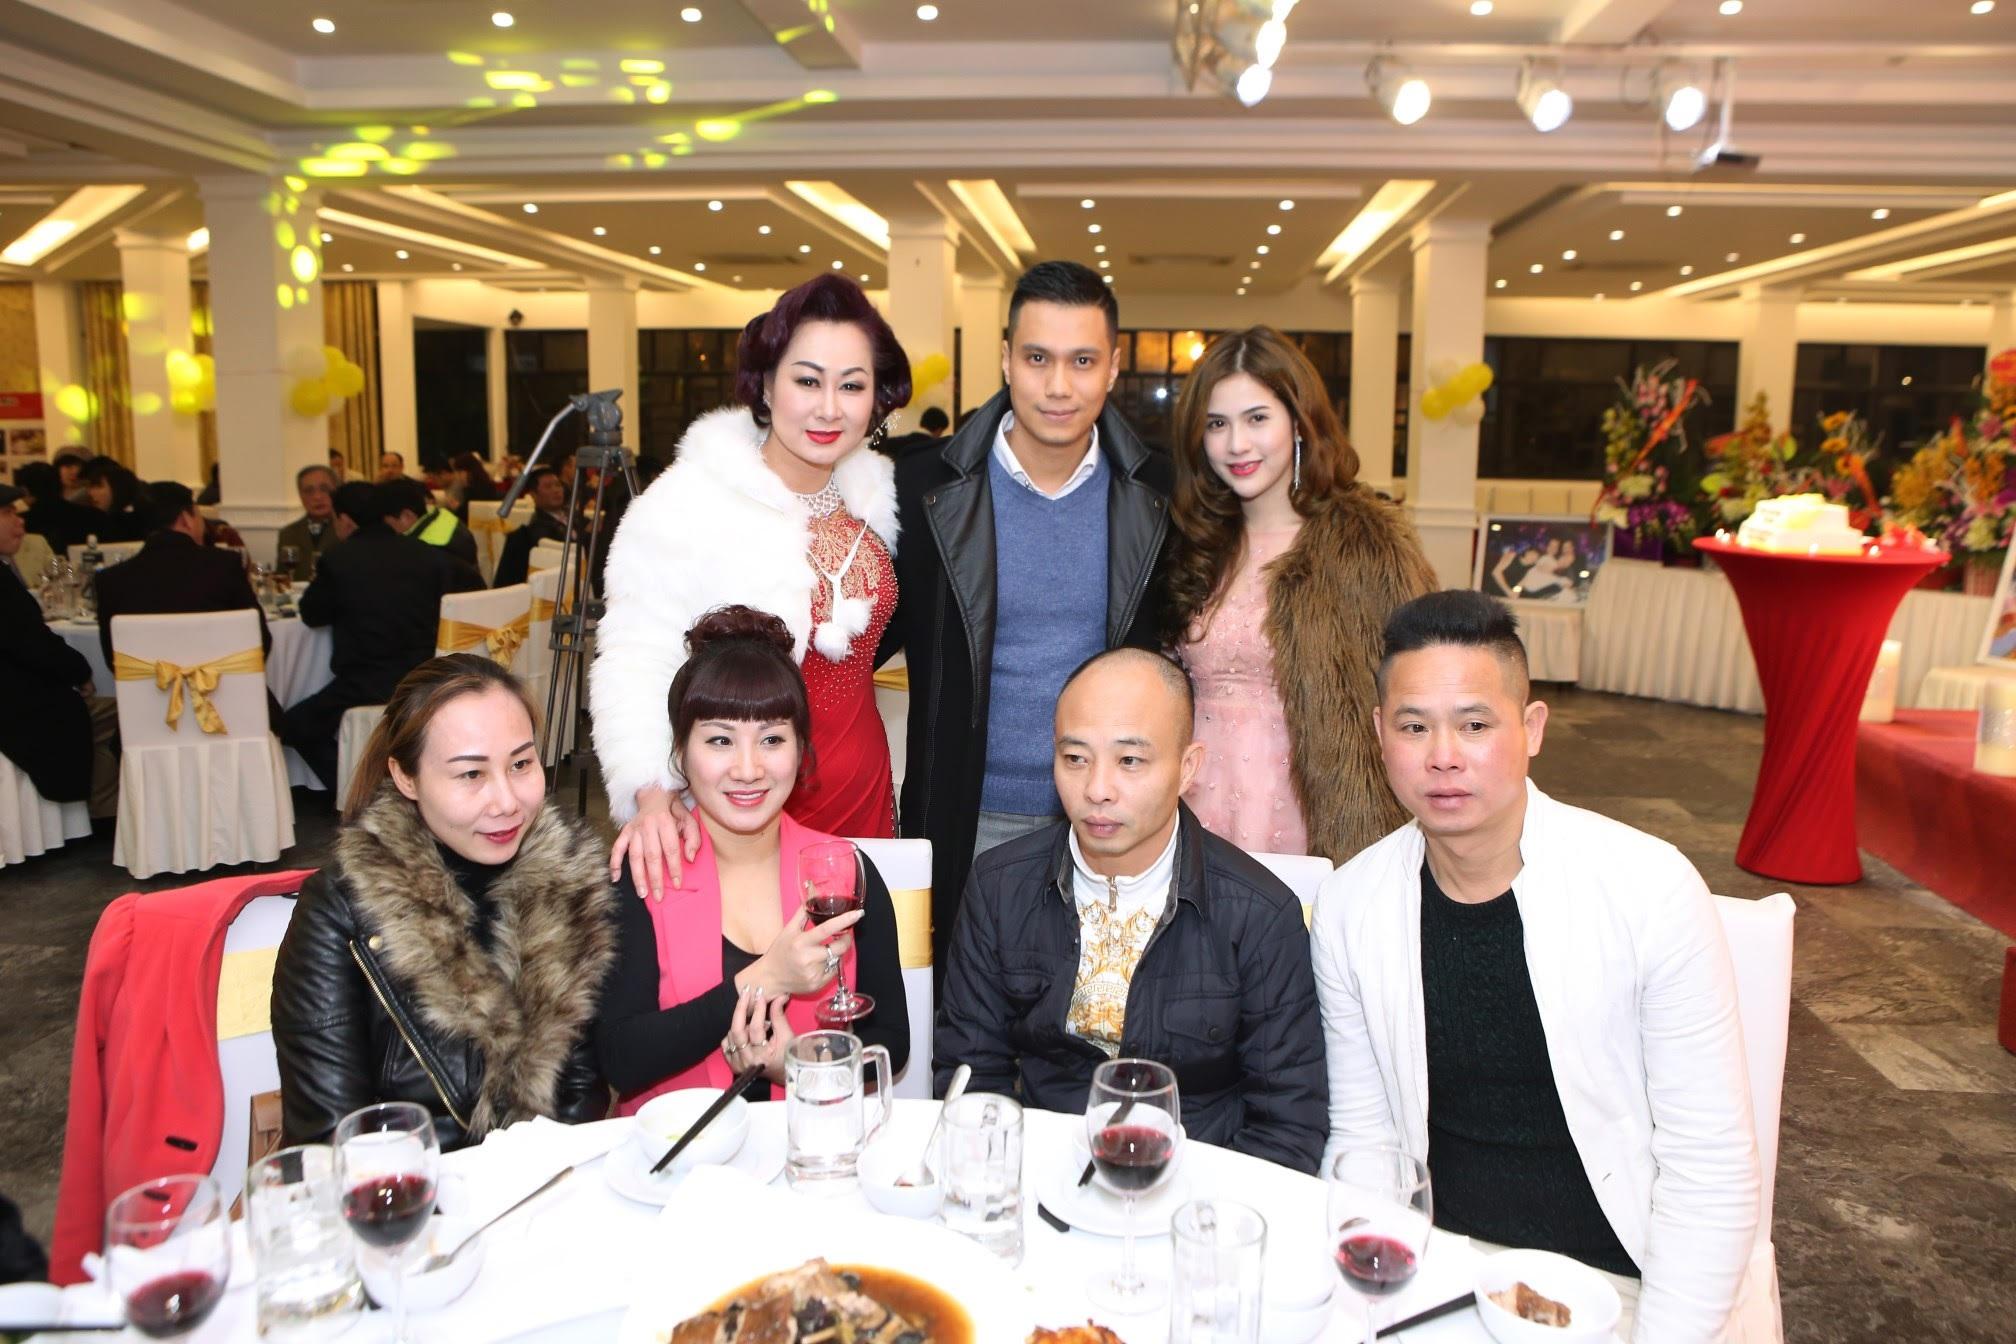 Việt Anh dù thuộc thế hệ đàn em nhưng lại đang sinh hoạt trong đội bóng của NSND Trần Nhượng. Anh cùng bạn gái đã có mặt trong sự kiện để nói lời chúc mừng với người anh mà mình quý mến.